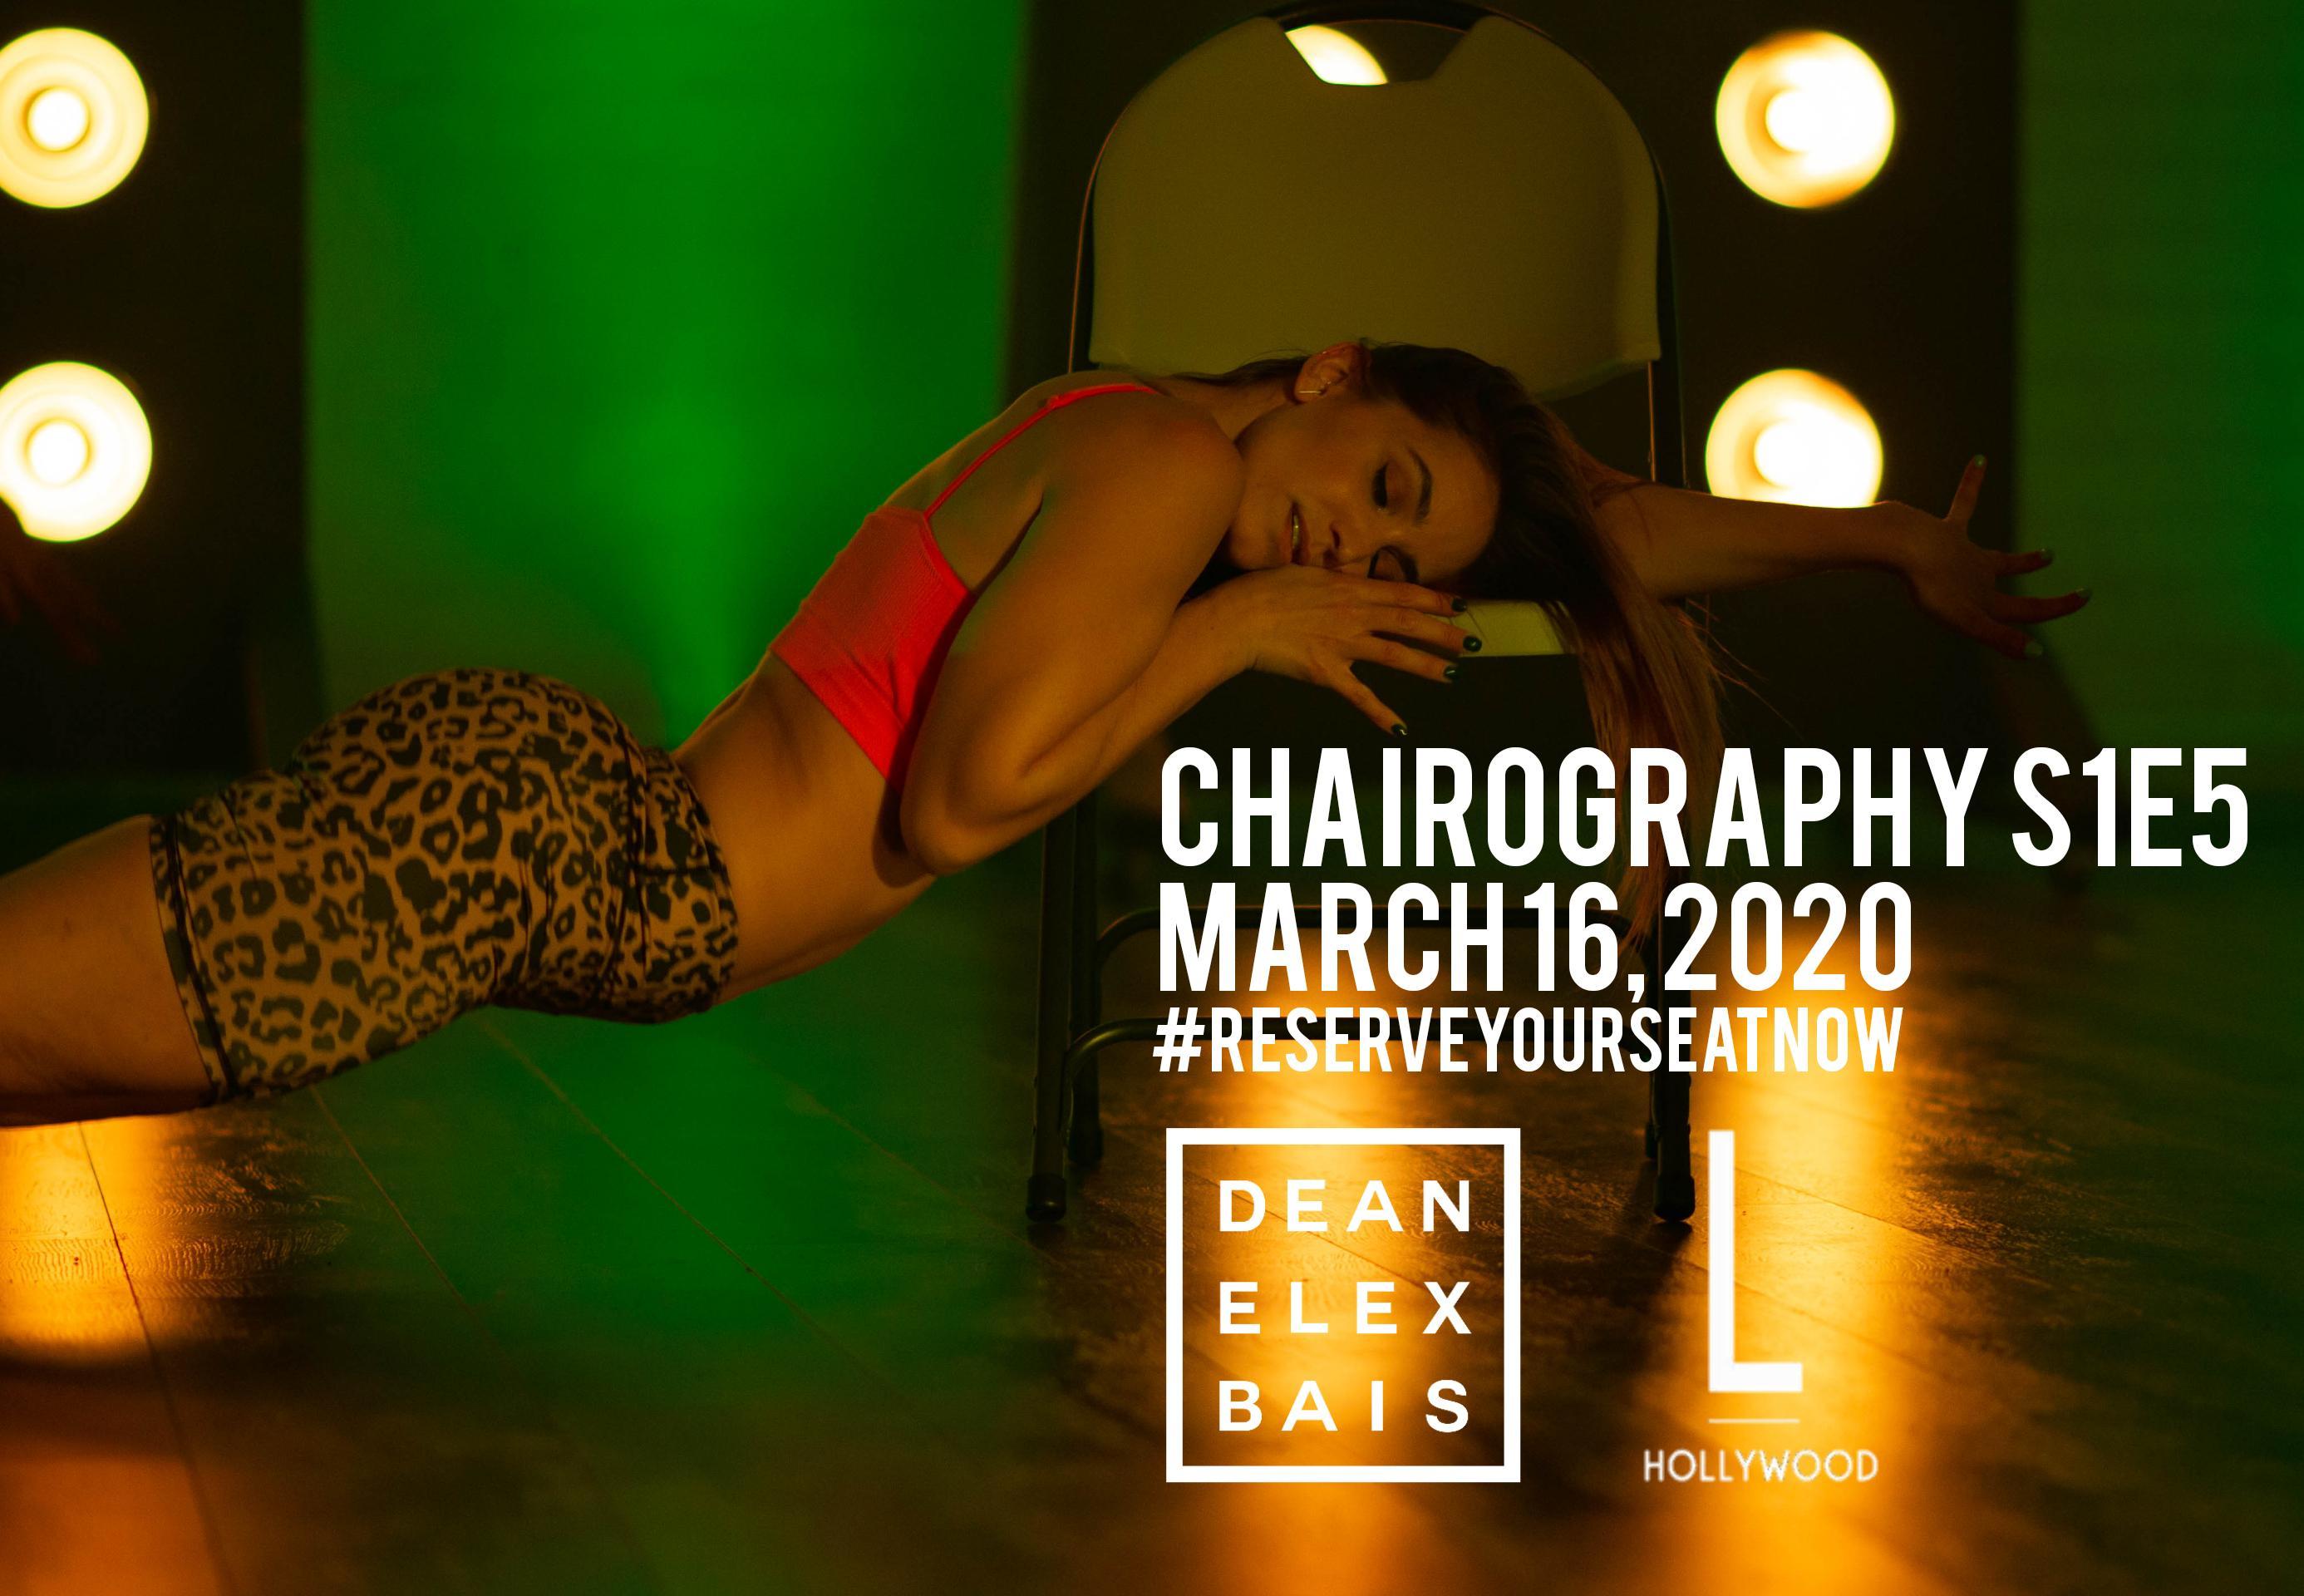 CHAIROGRAPHY S1E5